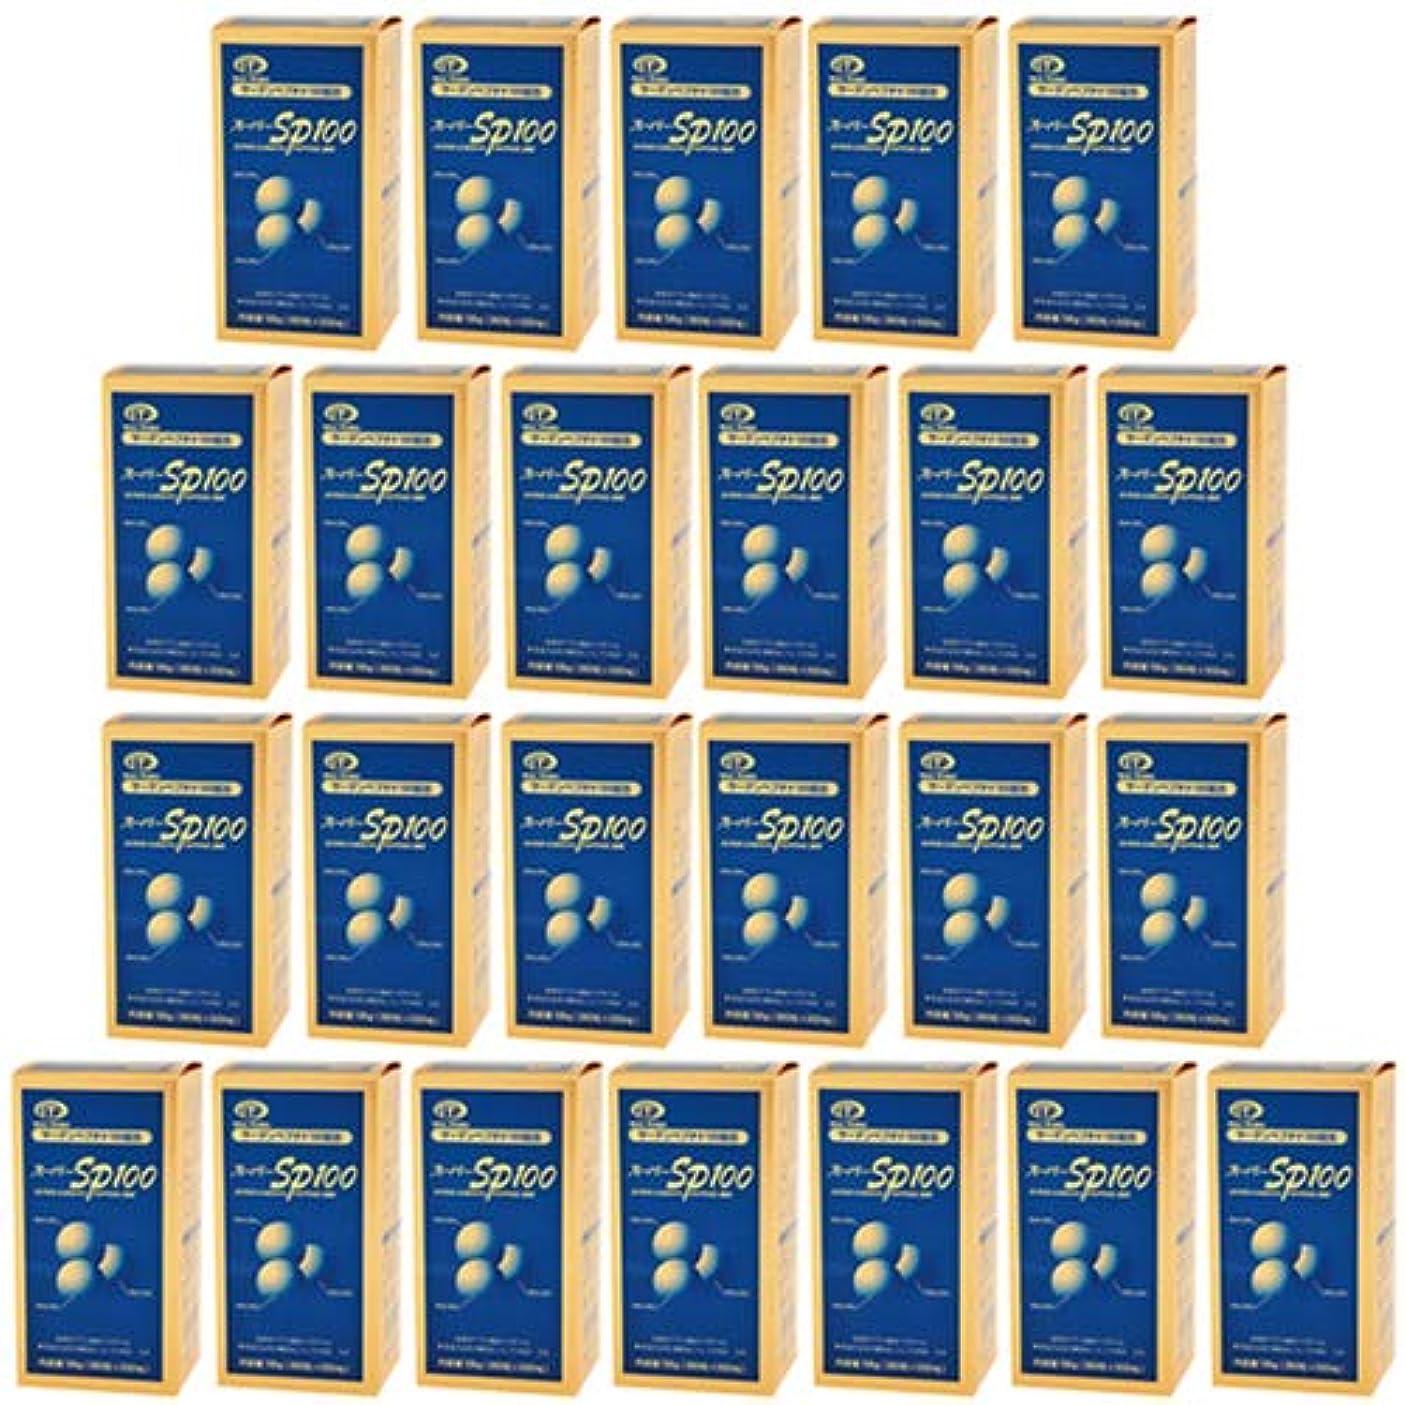 段落精算モールス信号スーパーSP100(イワシペプチド)(360粒) 24箱